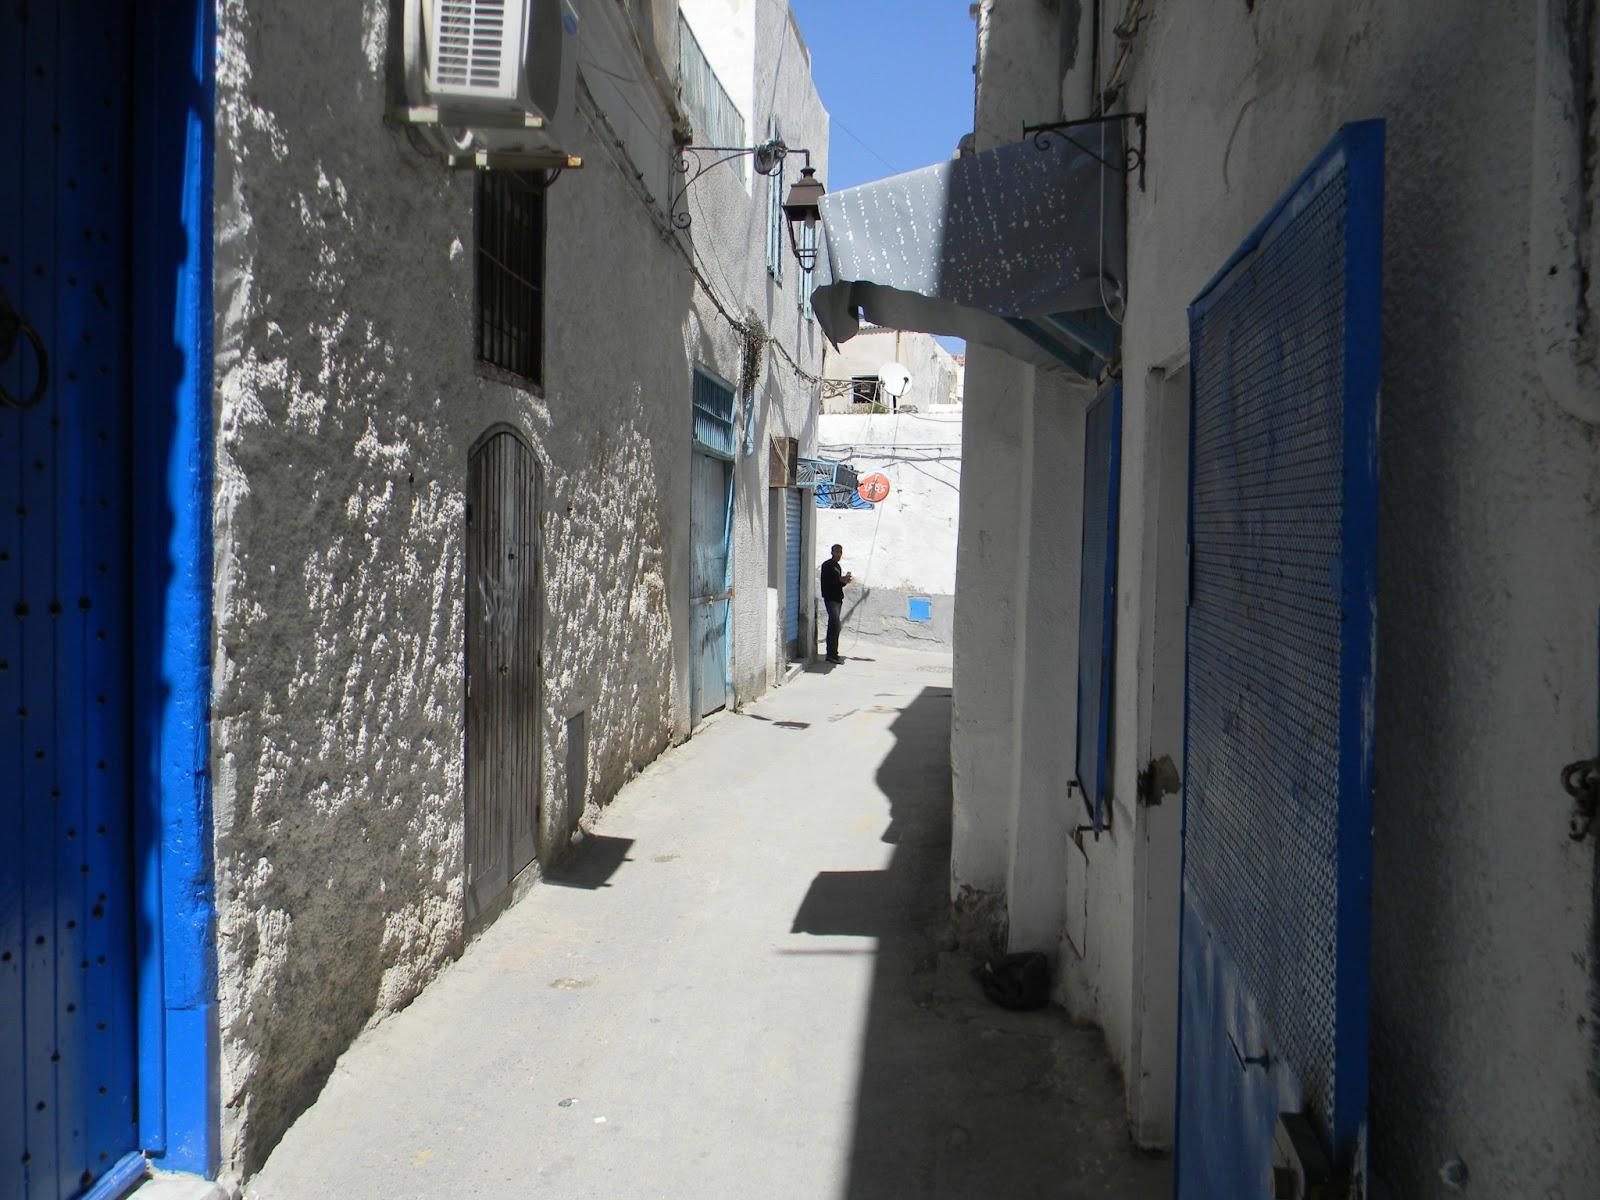 Vento progetto per un documentario tra tunisia e sicilia - Si aprono finestre pubblicitarie ...